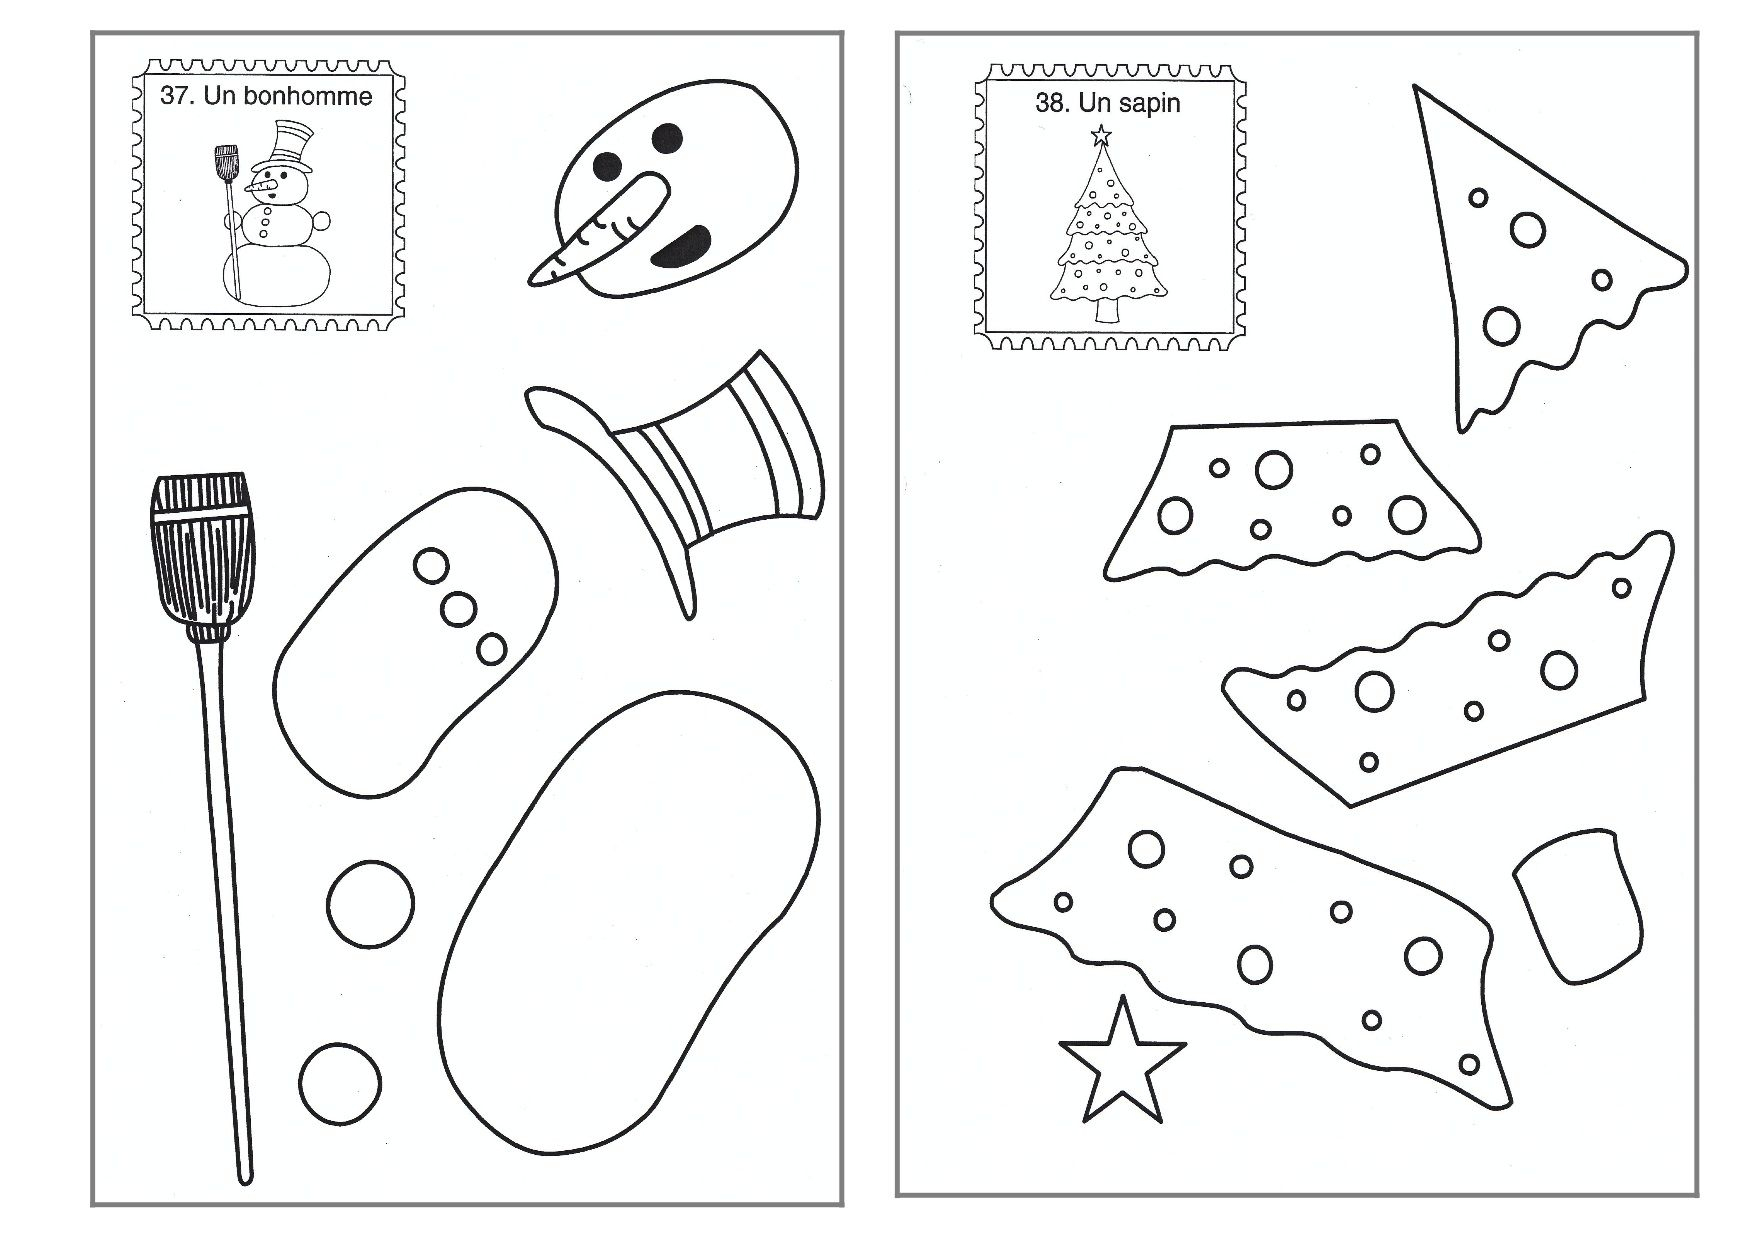 Découpage/collage De Noël (Avec Images) | Animation Noel intérieur Découpage Collage Maternelle À Imprimer